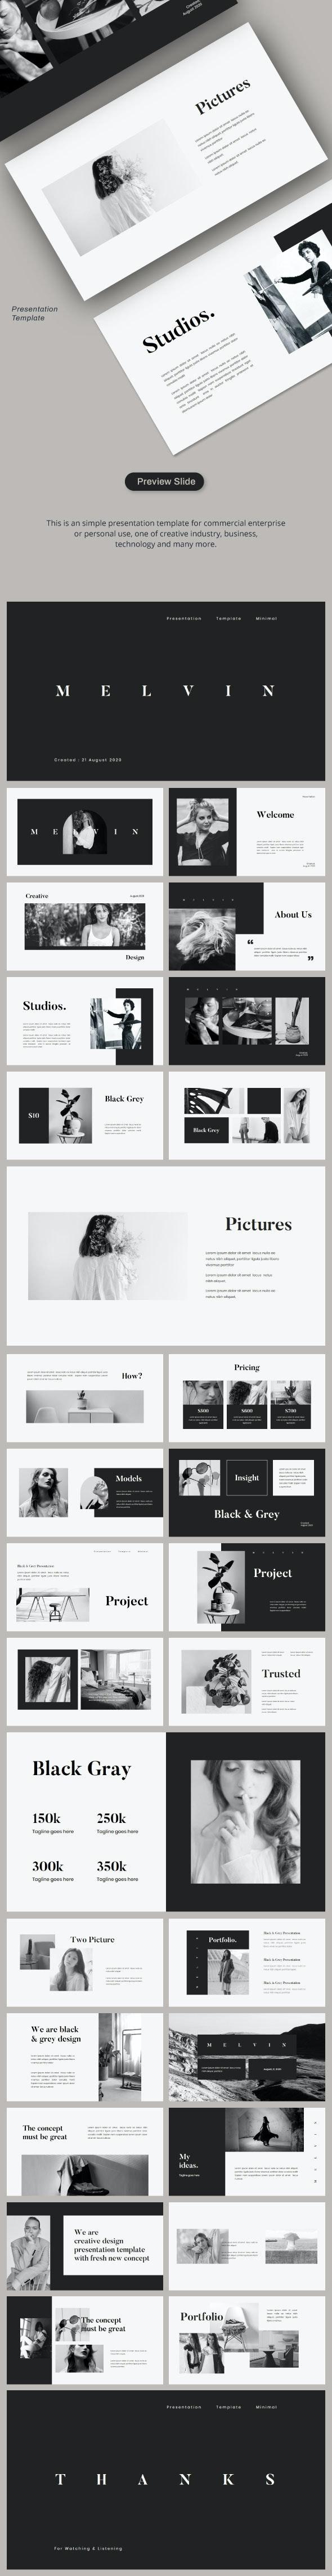 Black Grey - Google Slides - Google Slides Presentation Templates